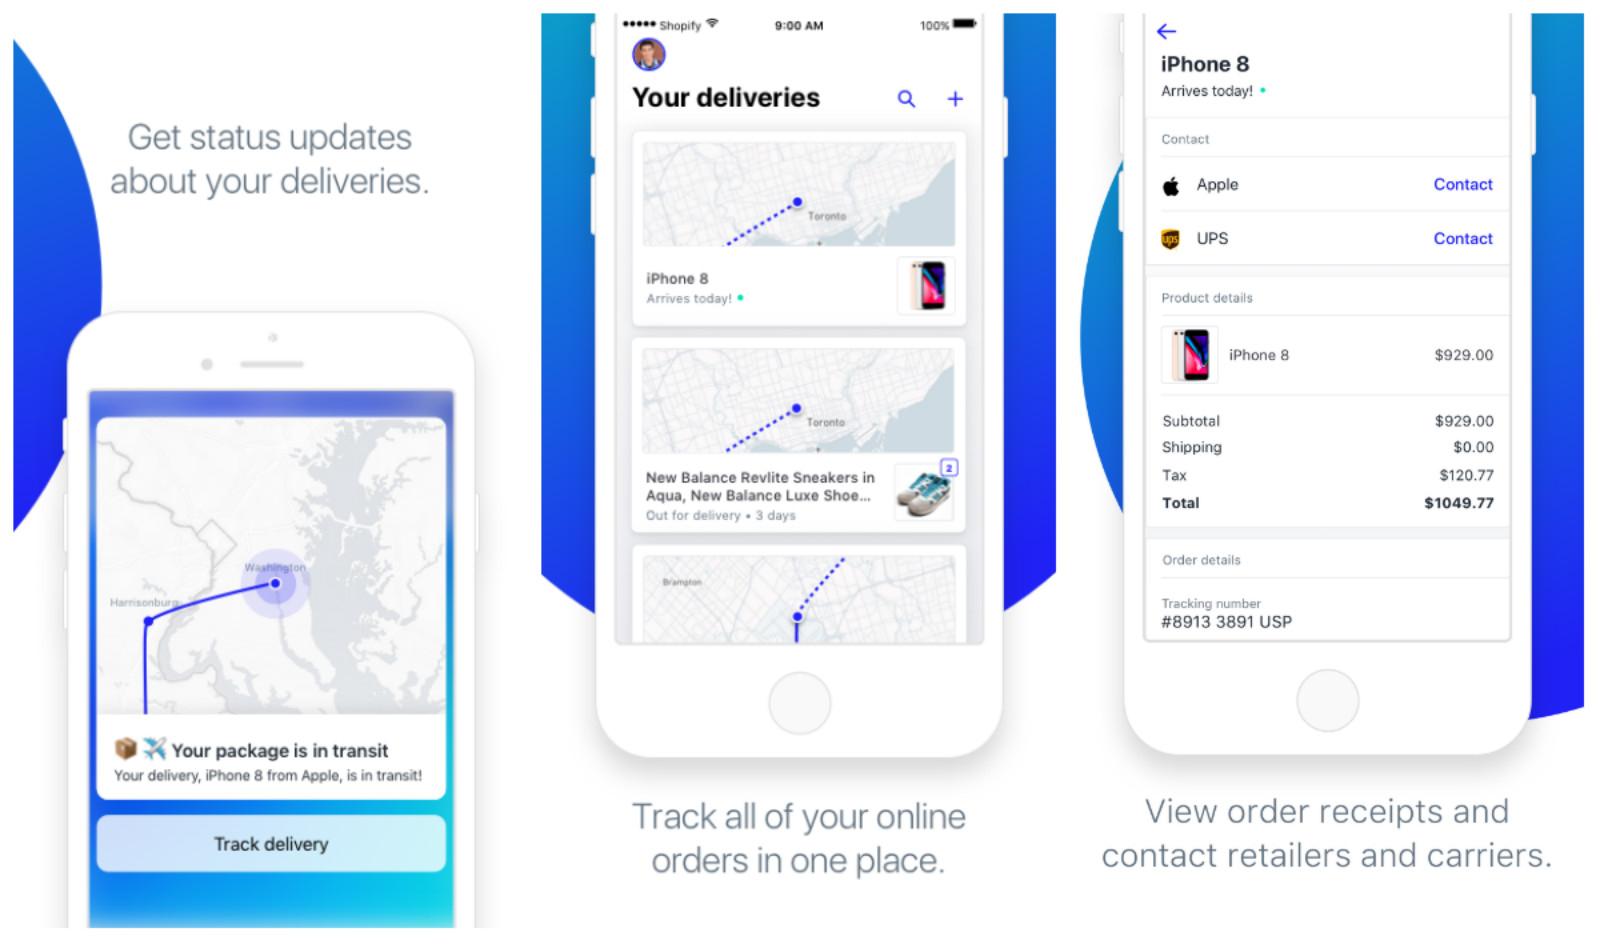 La aplicación Shopify's Arrive rastrea sus pedidos en línea en un mapa en vivo. También afirma mantener sus datos de compras privados.